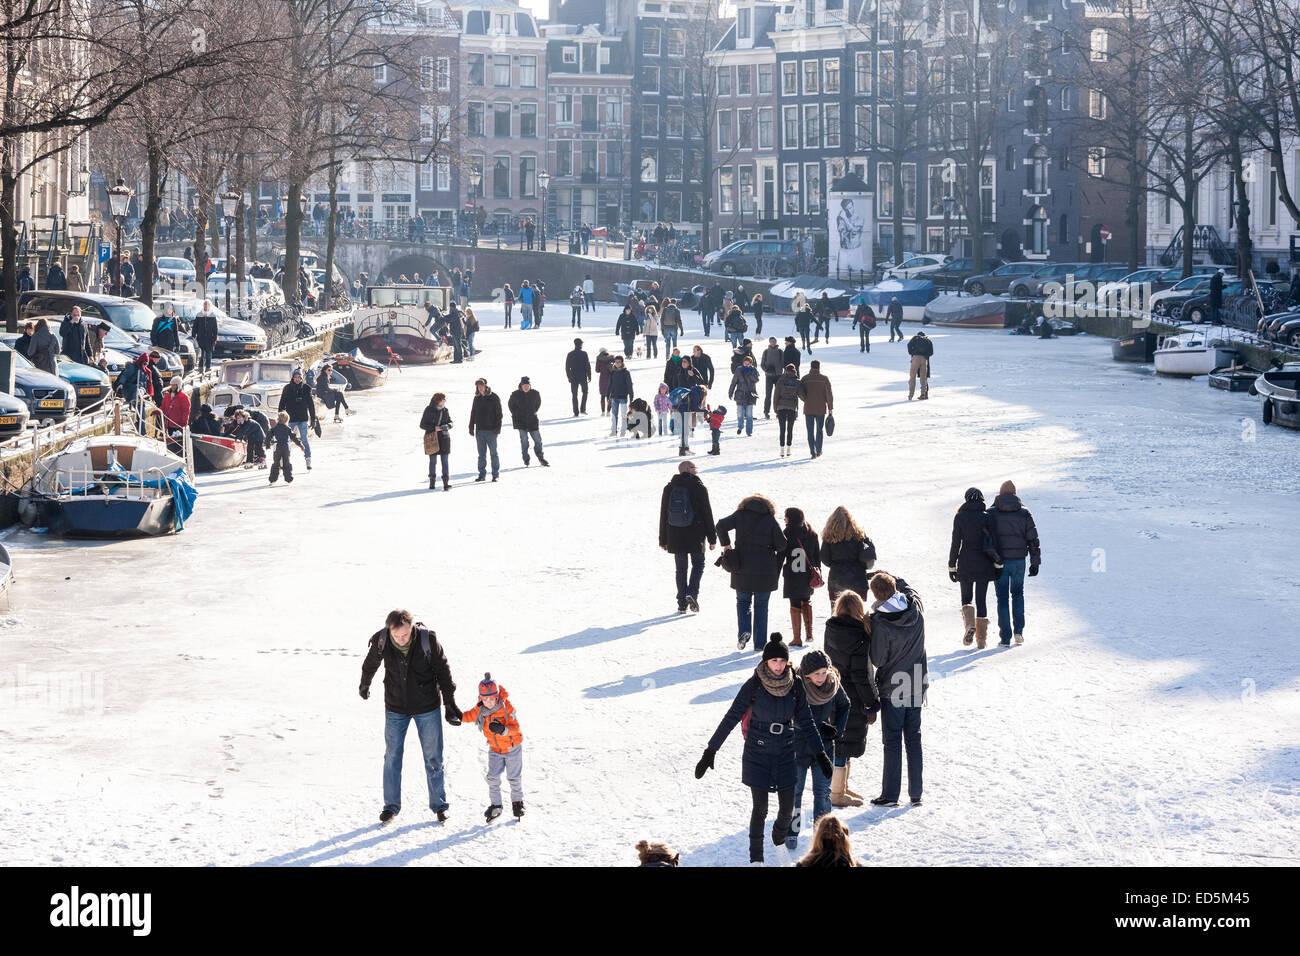 Amsterdam Eislaufen am zugefrorenen Kanal im Winter. Keizersgracht Kanal. Stockbild